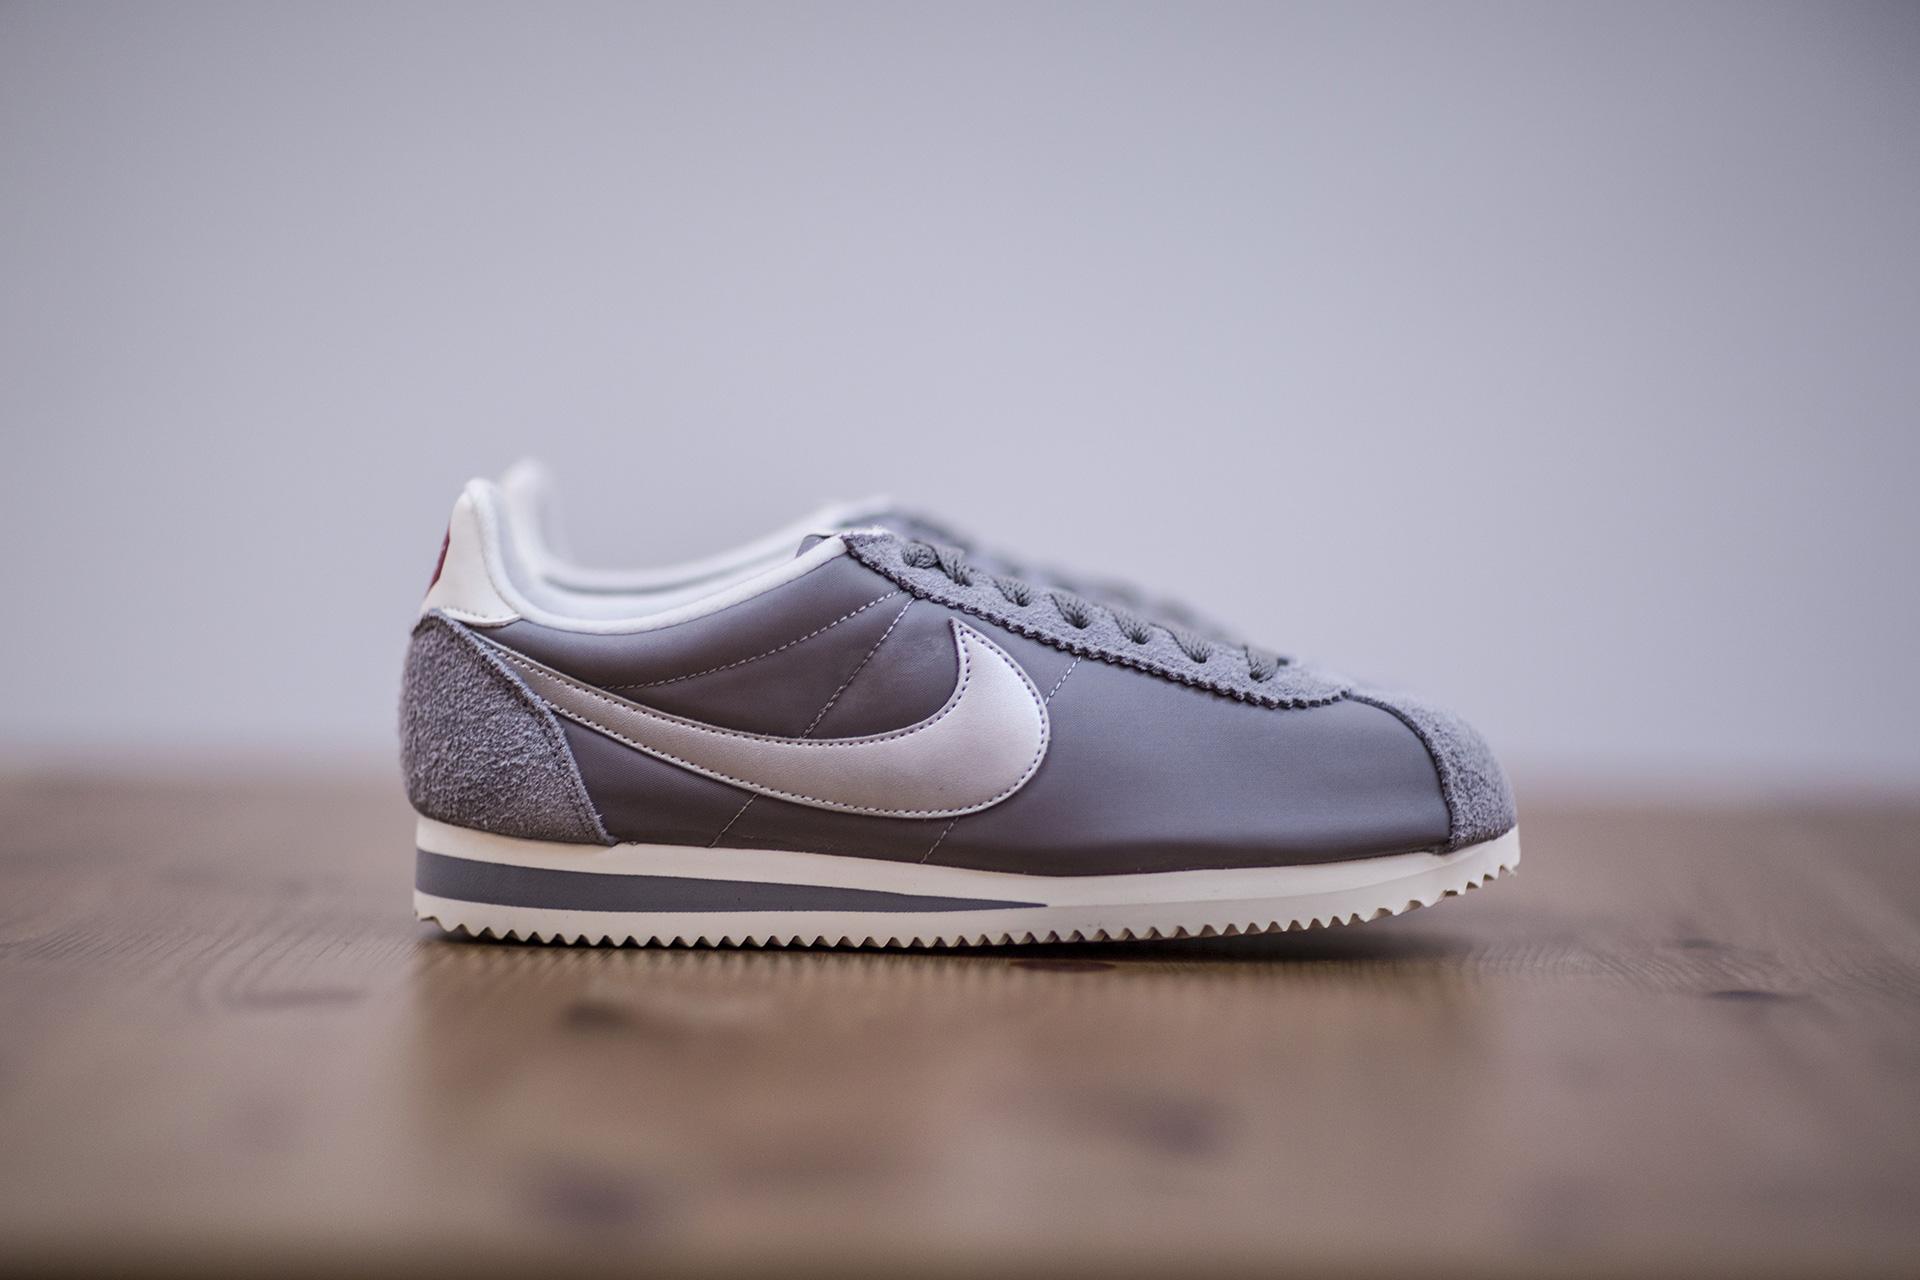 39df2250 Купить серые мужские кроссовки Classic Cortez Nylon PRM от Nike ...